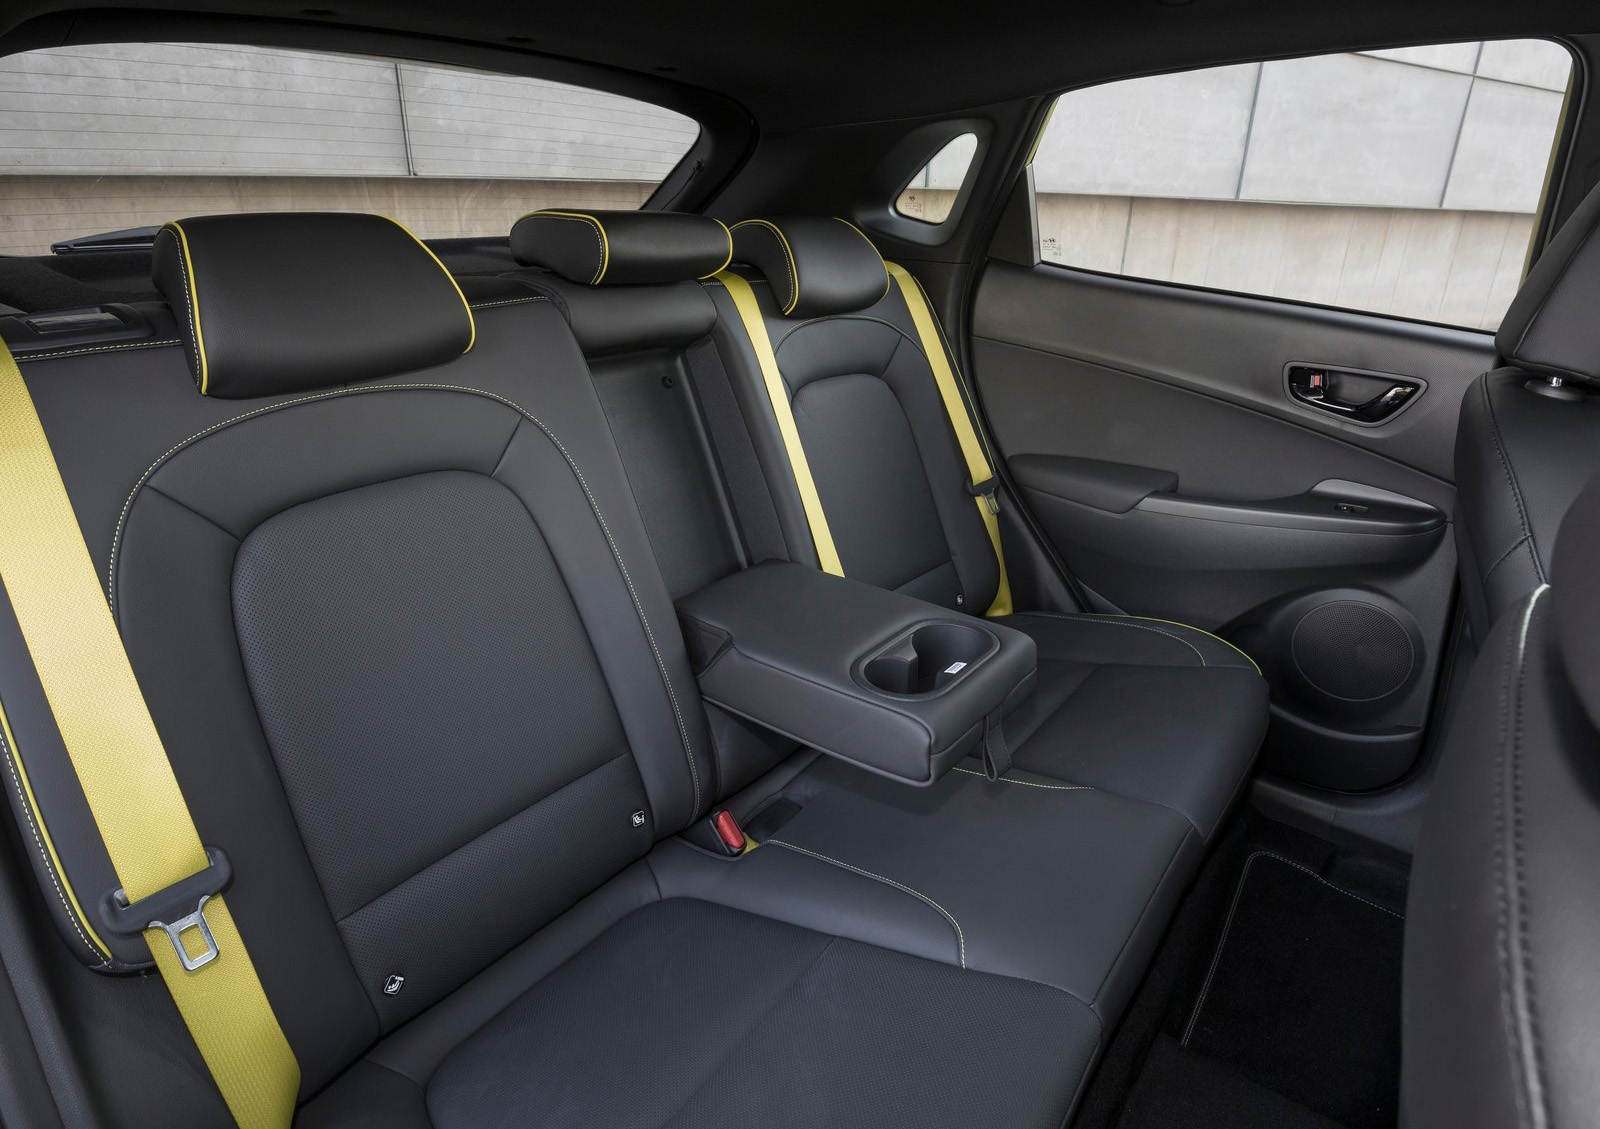 Hyundai-Kona-2018-1600-5f